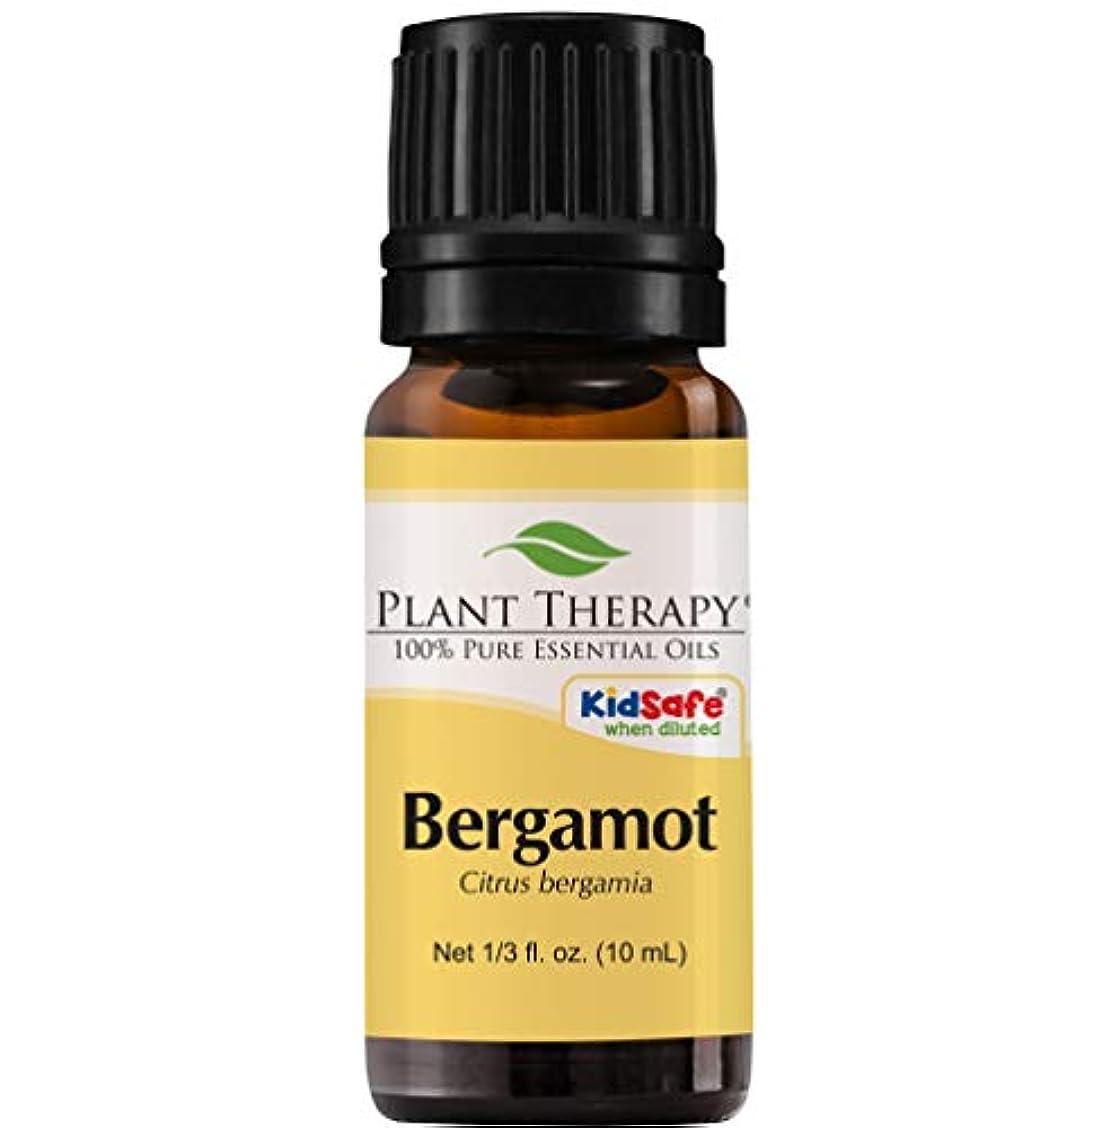 出血寛大さ比喩Plant Therapy Essential Oils (プラントセラピー エッセンシャルオイル) ベルガモット エッセンシャルオイル